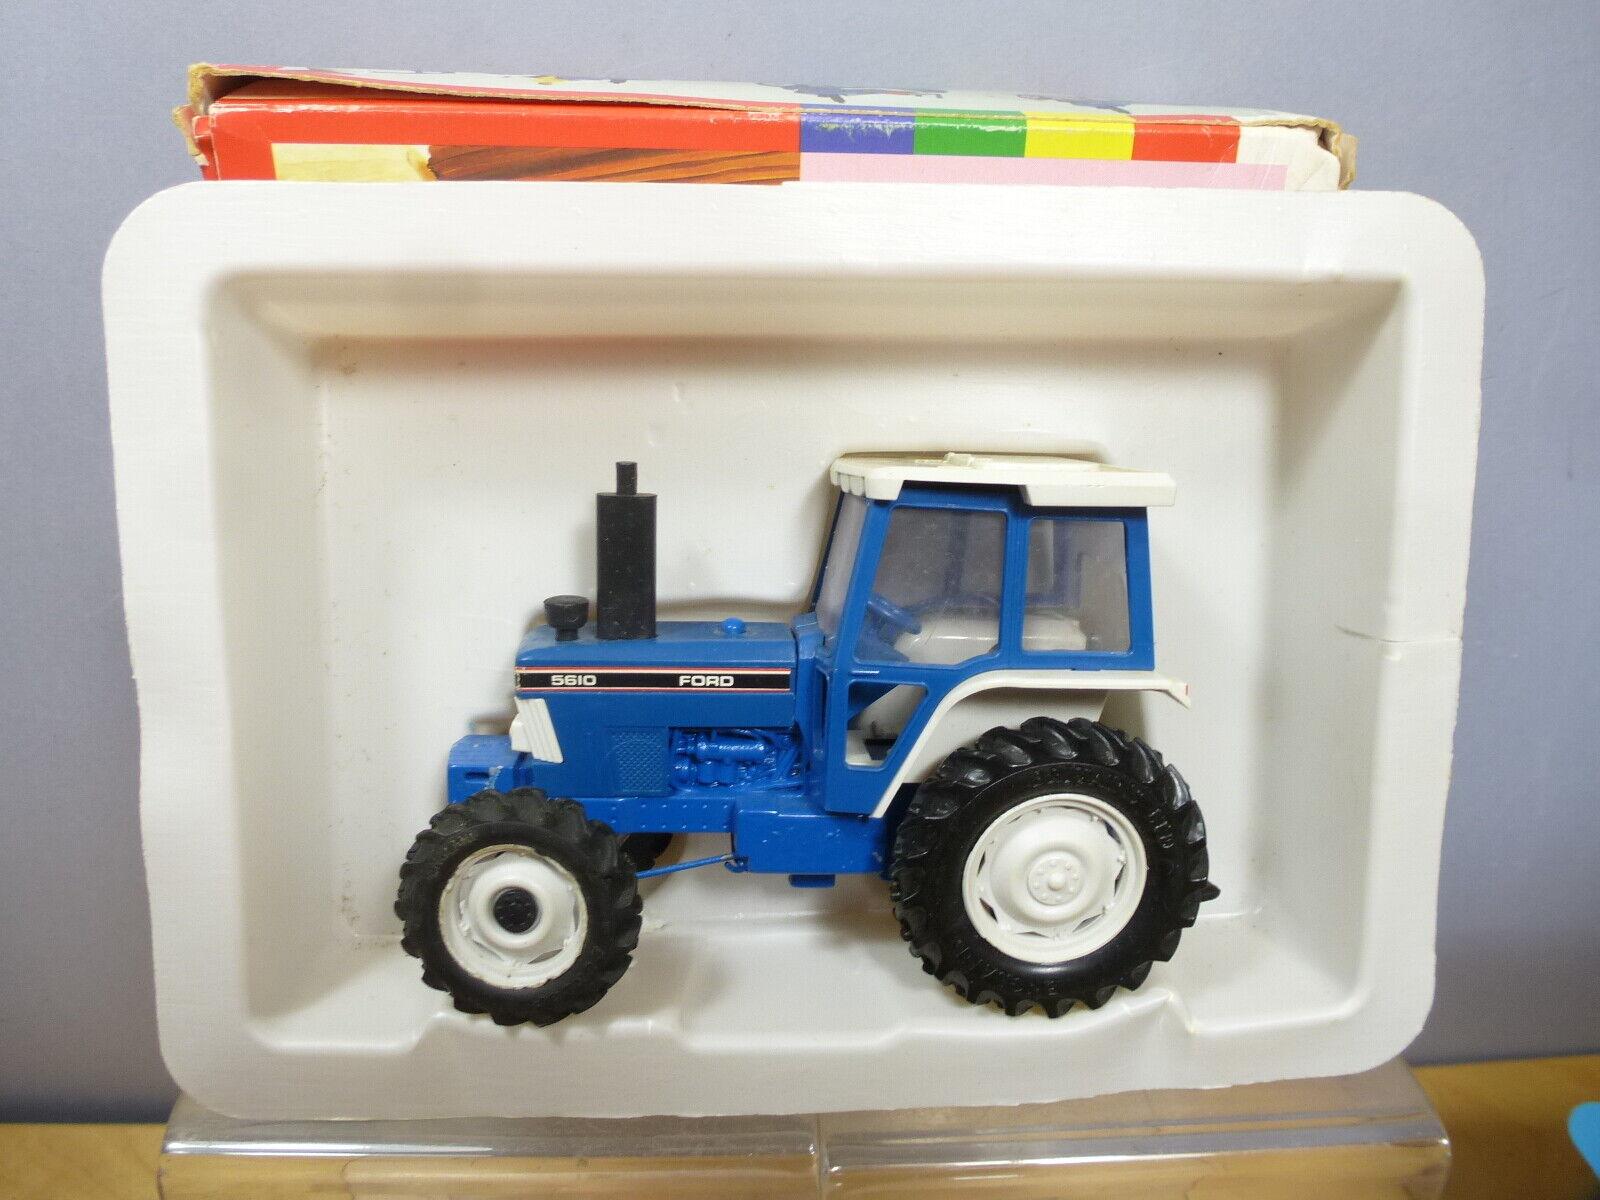 VINTAGE BRITAINS MODEL No.9527 Ford 5610 tracteur VN En parfait état, dans sa boîte